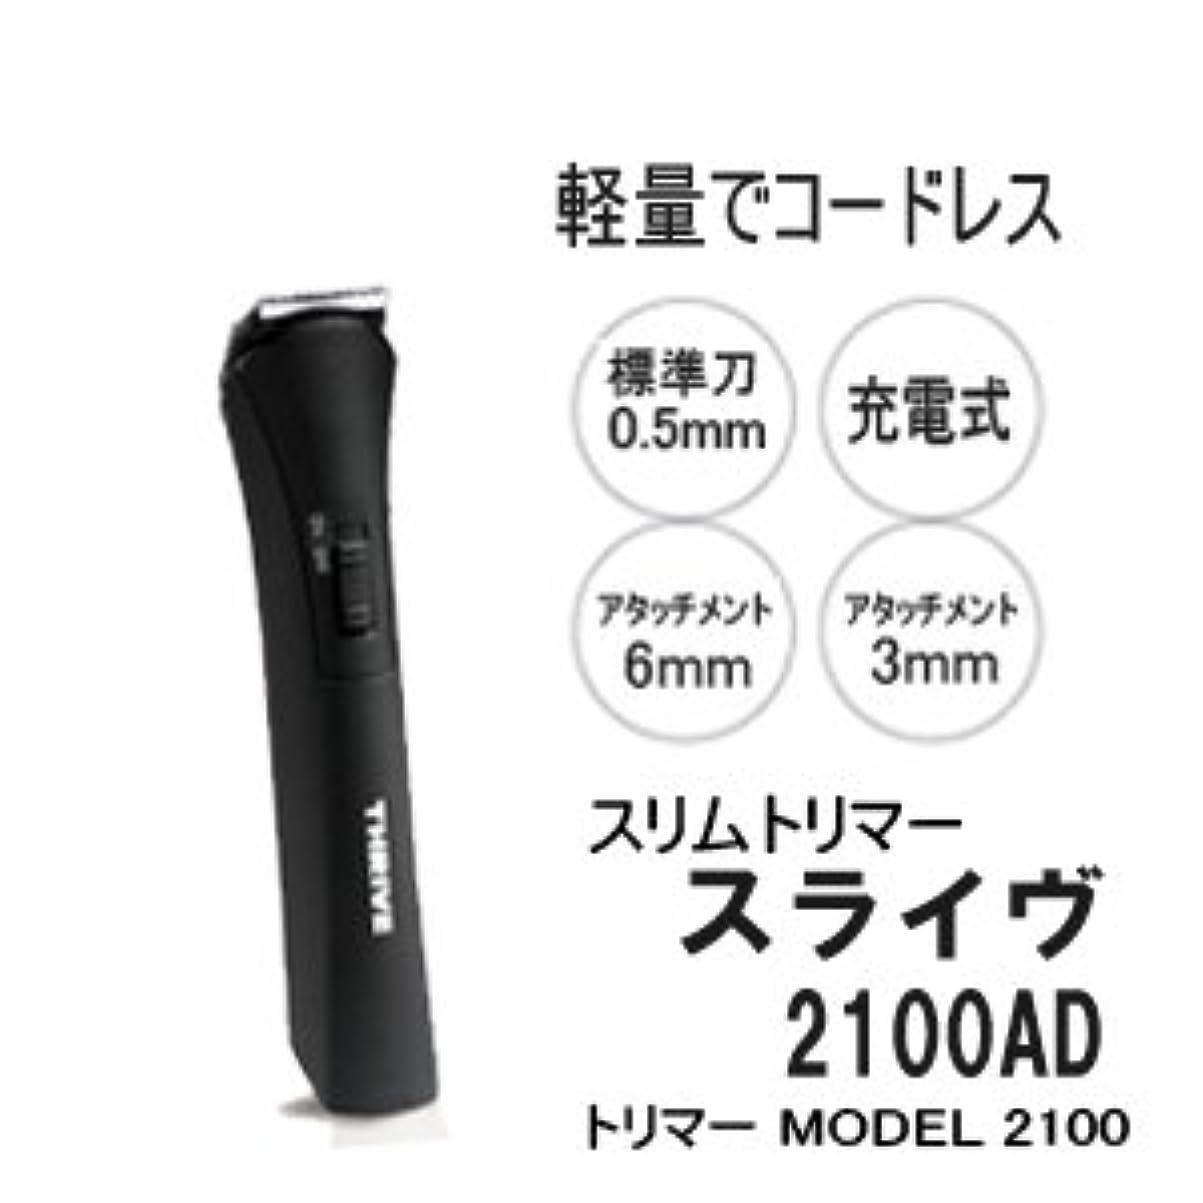 透けるソーセージ化学薬品スライヴ Model #2100 トリマー